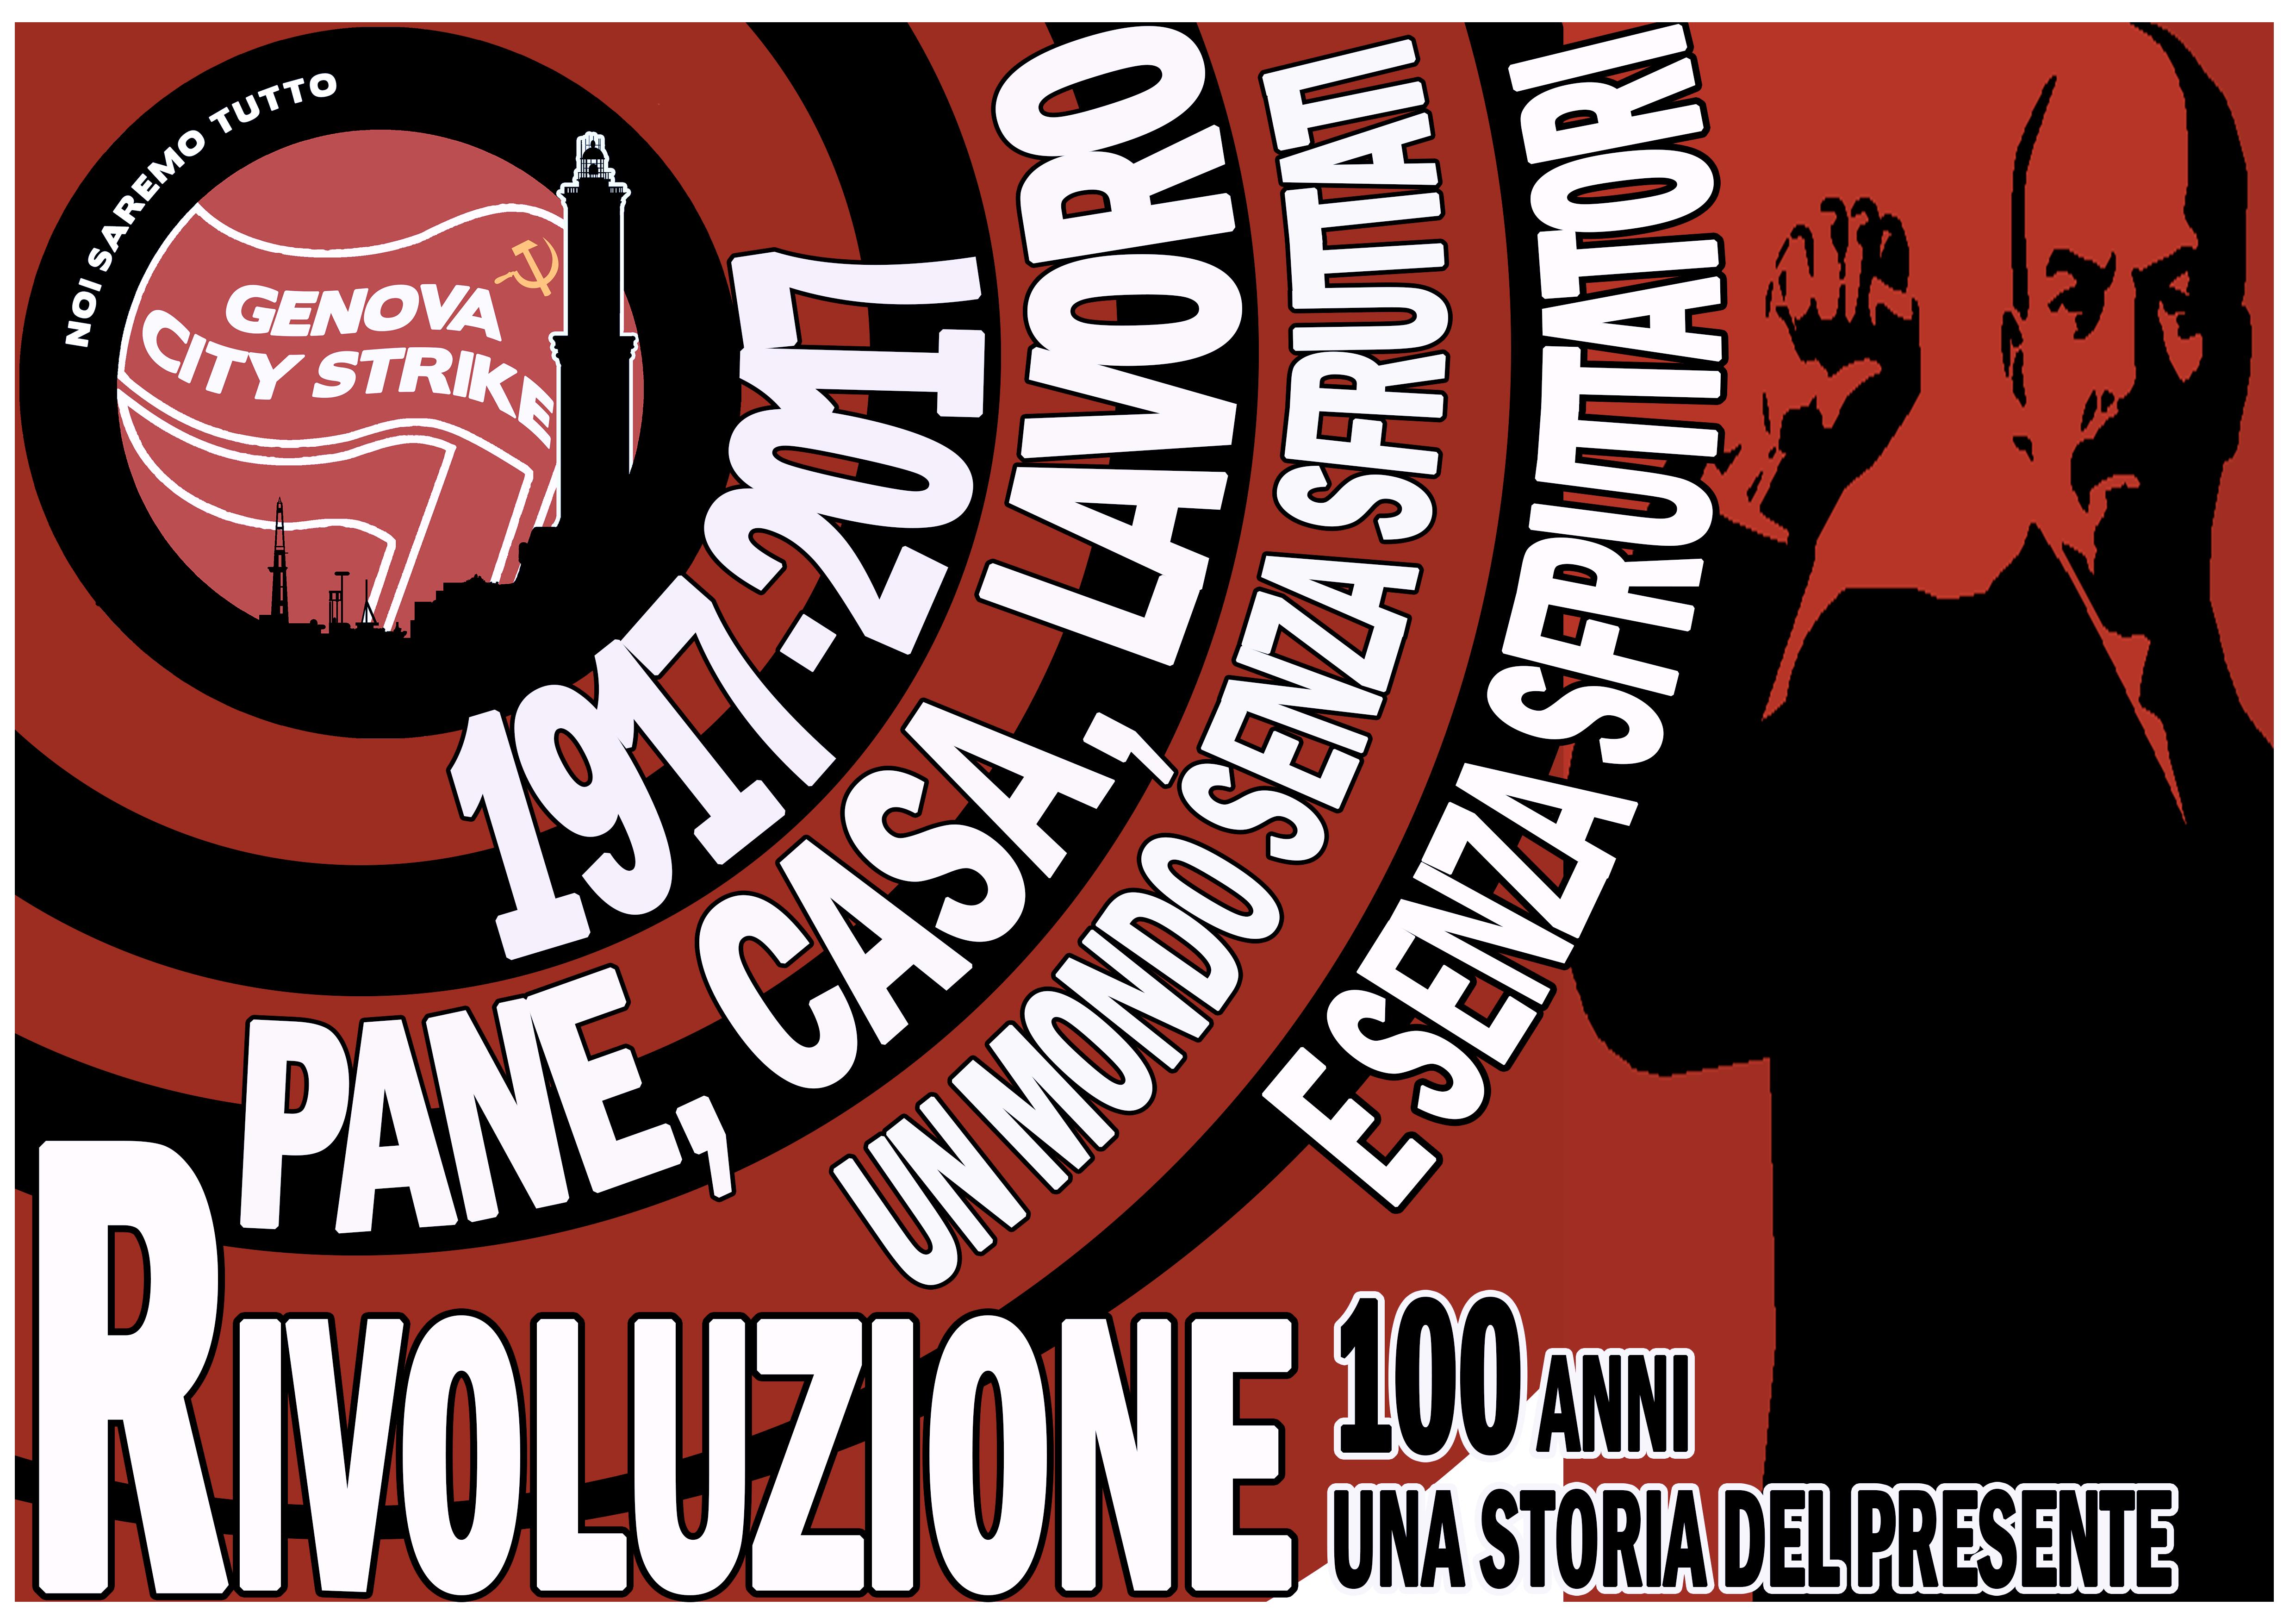 manifesto-lenin-1